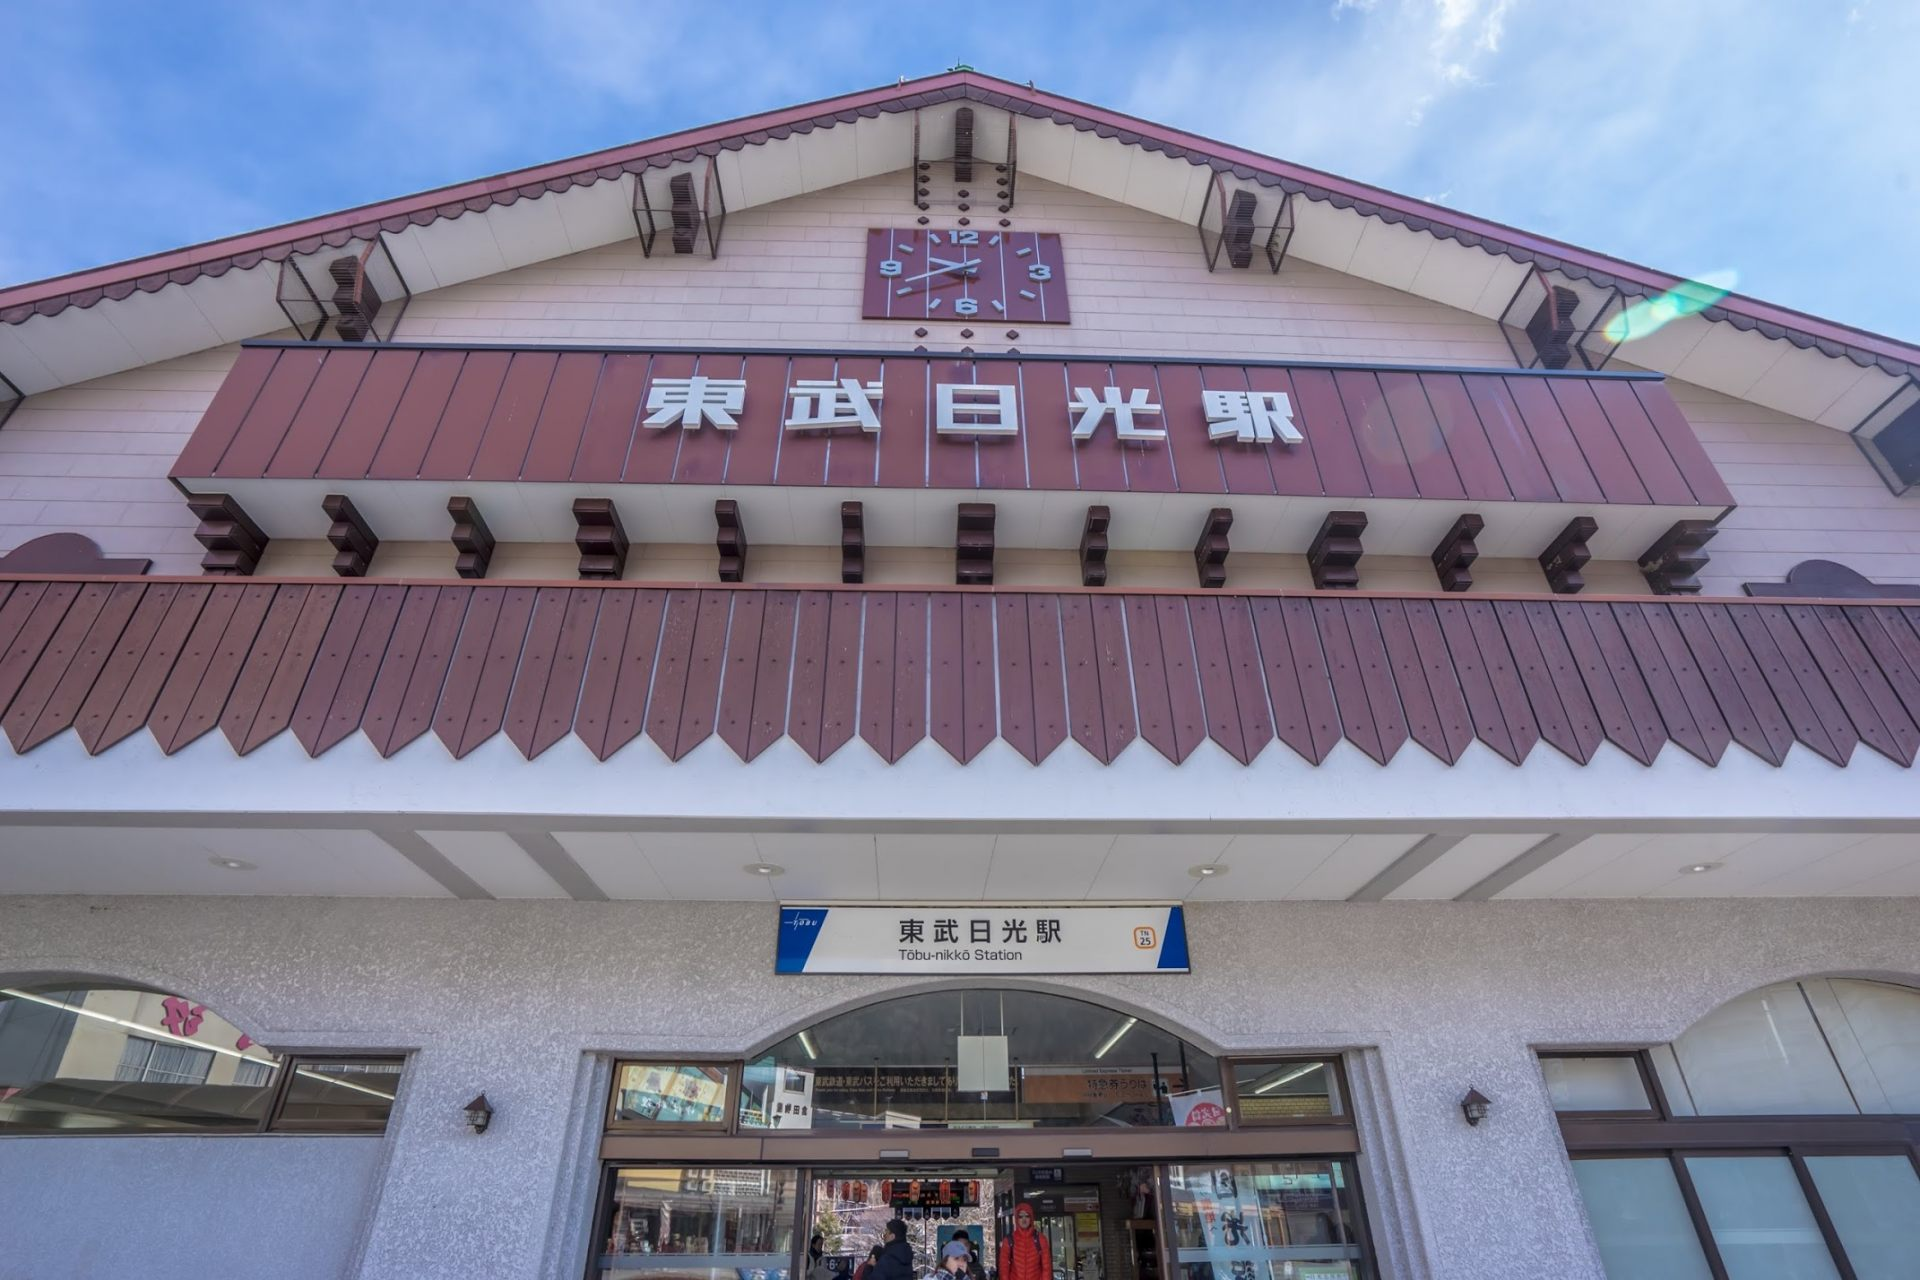 高山小屋风格的车站大楼